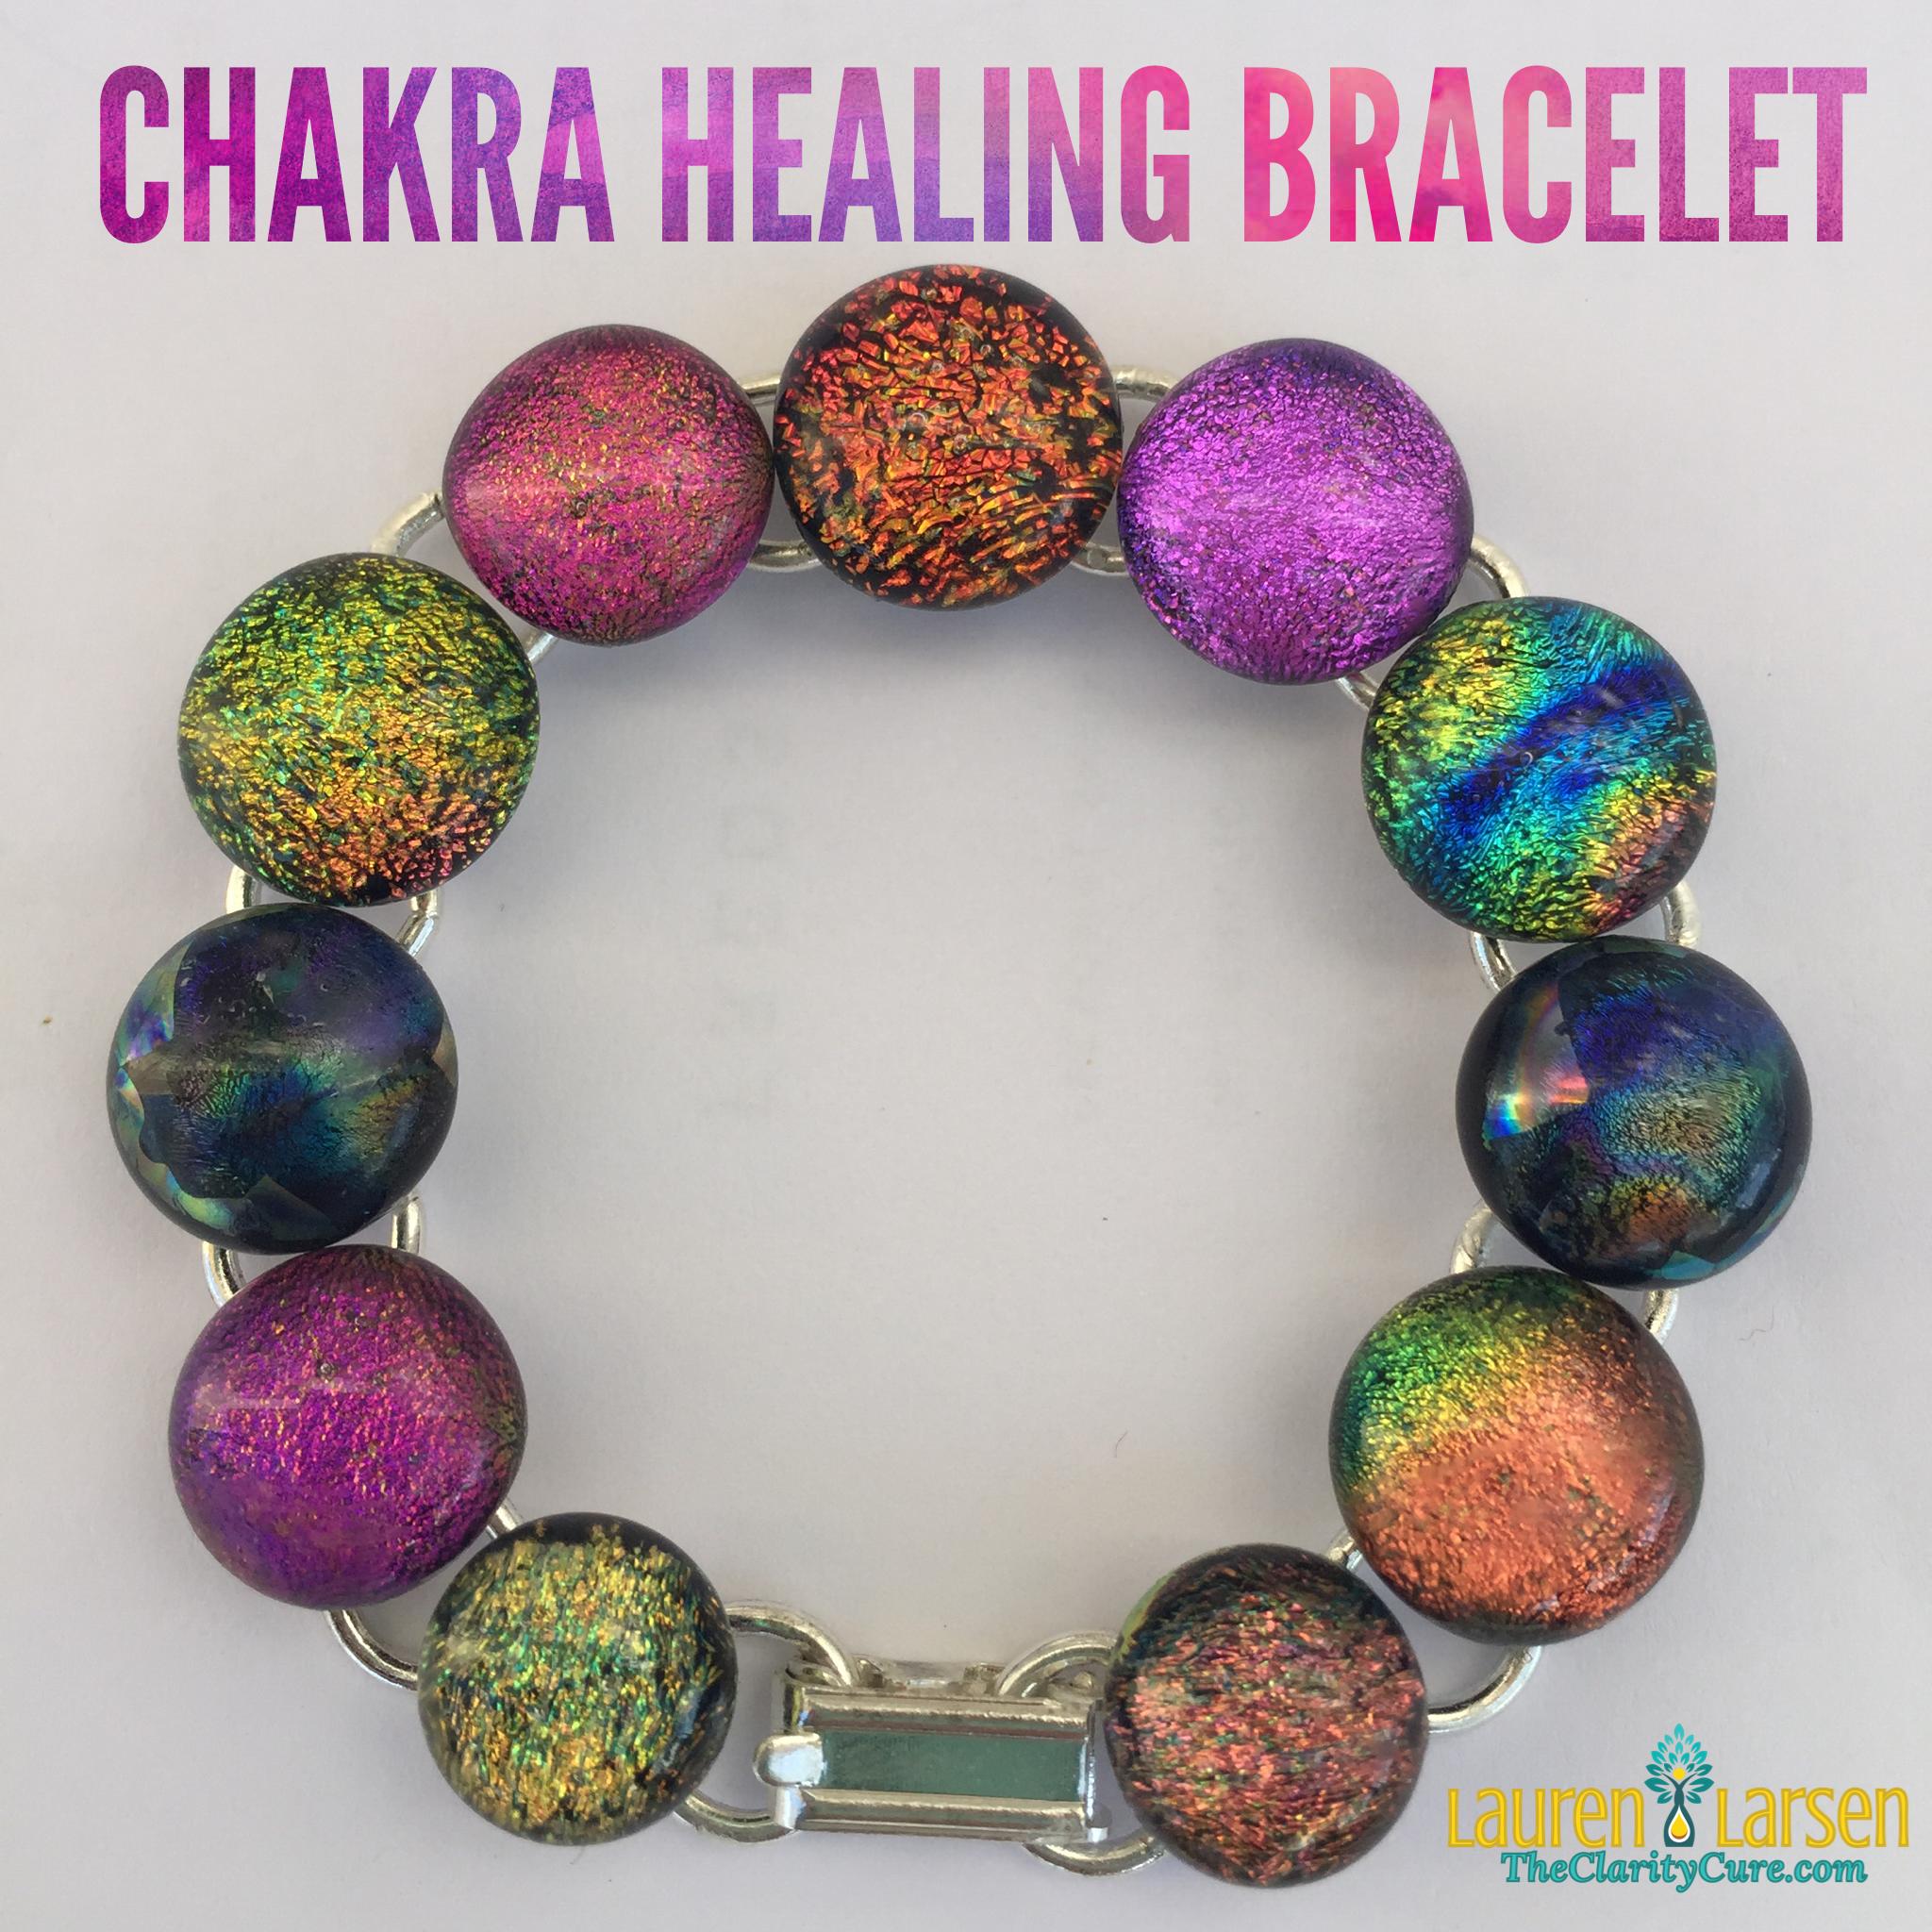 shop-chakra-healing-bracelet.png